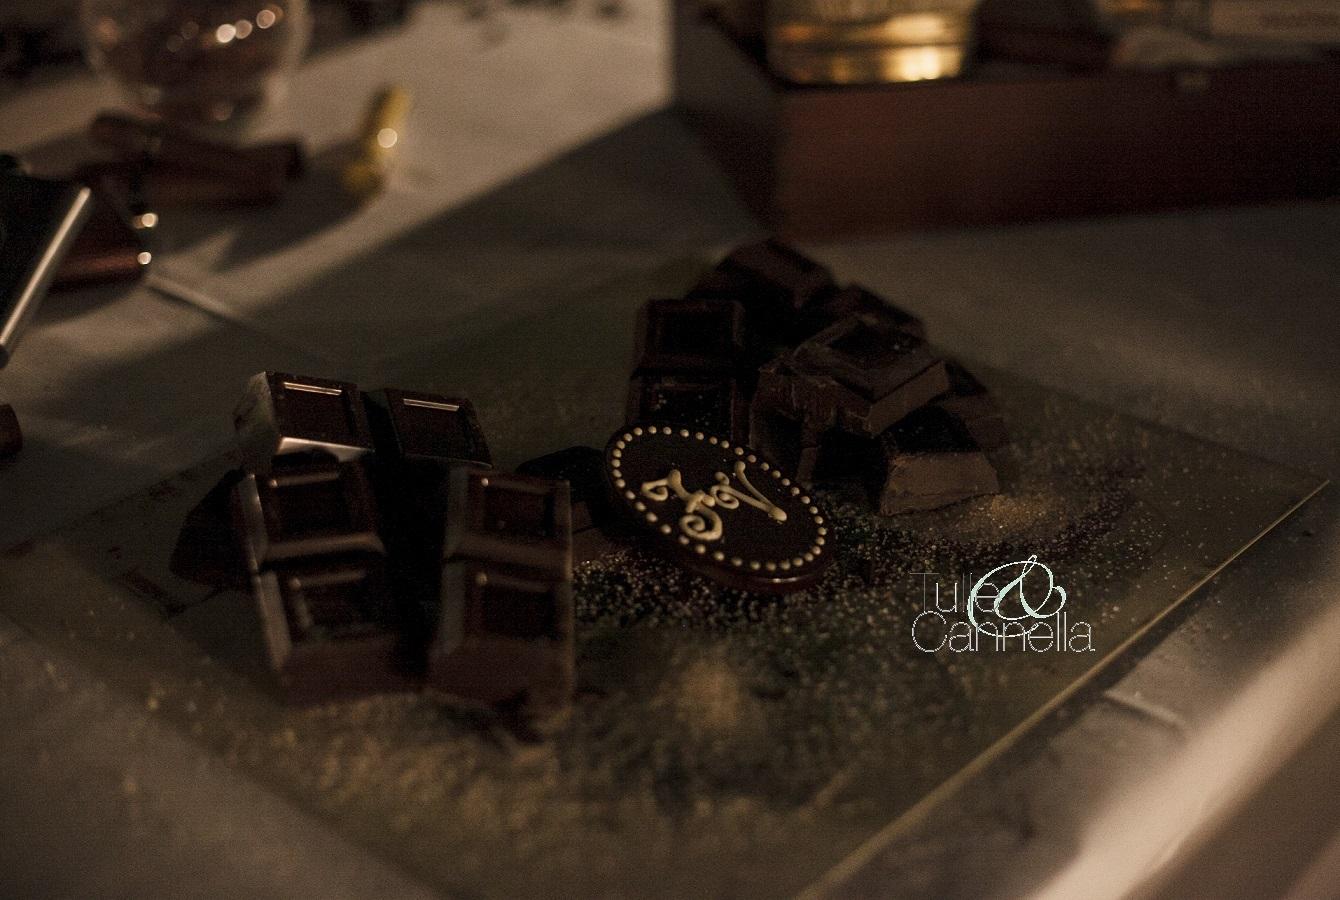 Degustazione di cioccolato firmato Tulle & Cannella, con medaglione personalizzato con il monogramma degli sposi